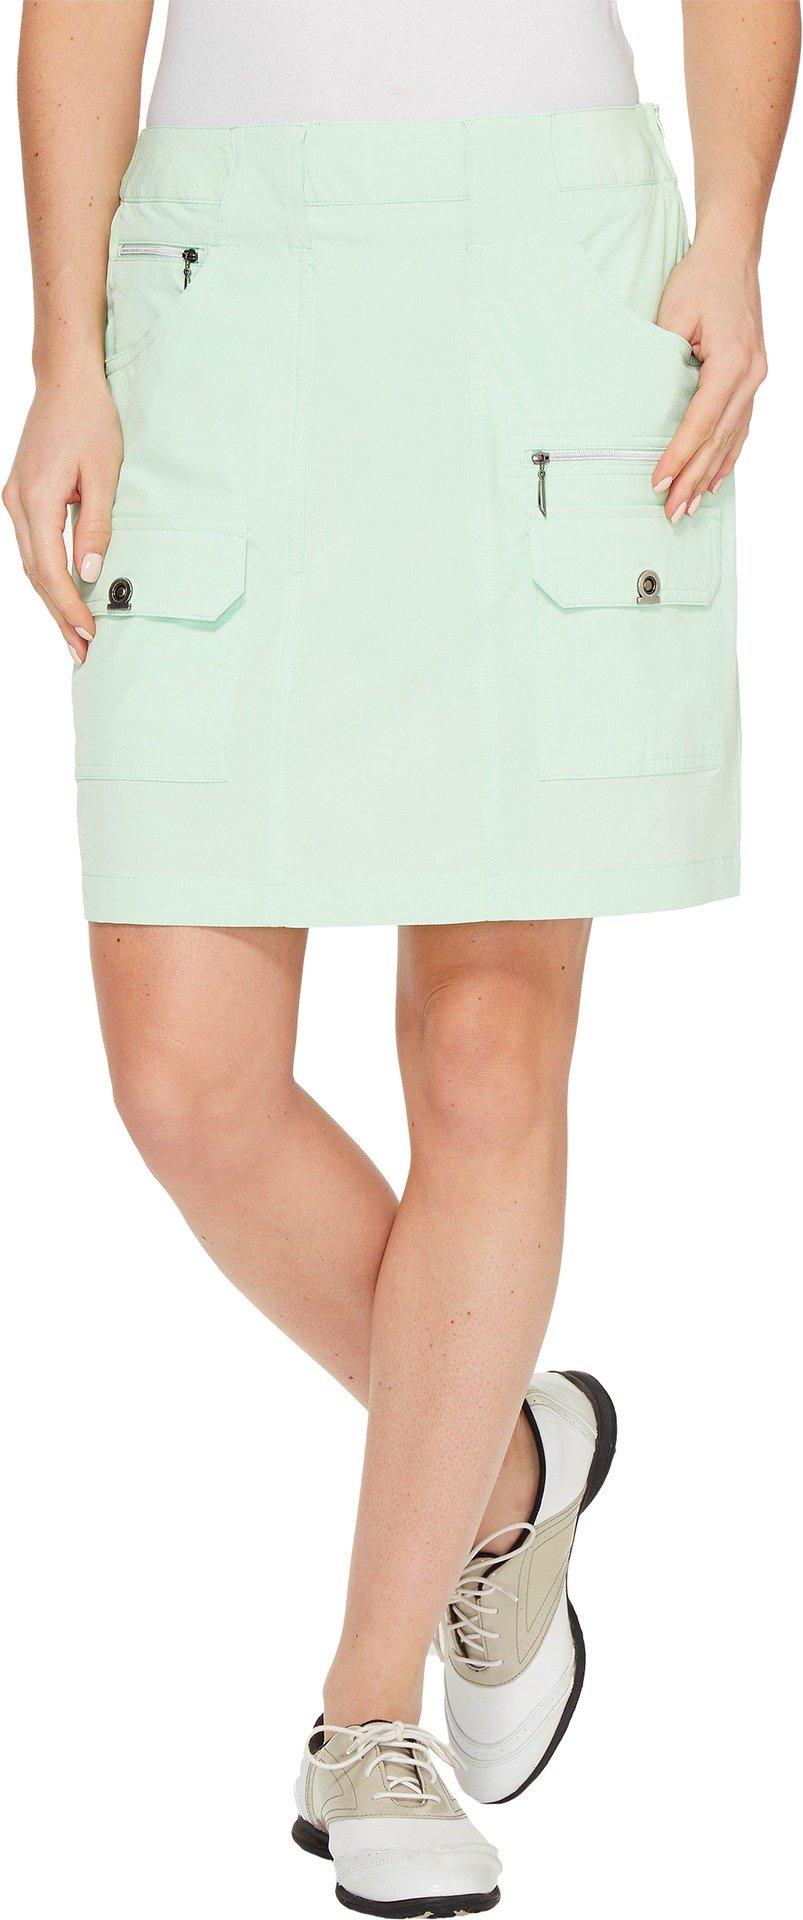 Jamie Sadock Women's Airwear Light Weight 18 in. Skort Mint Julep Skirt